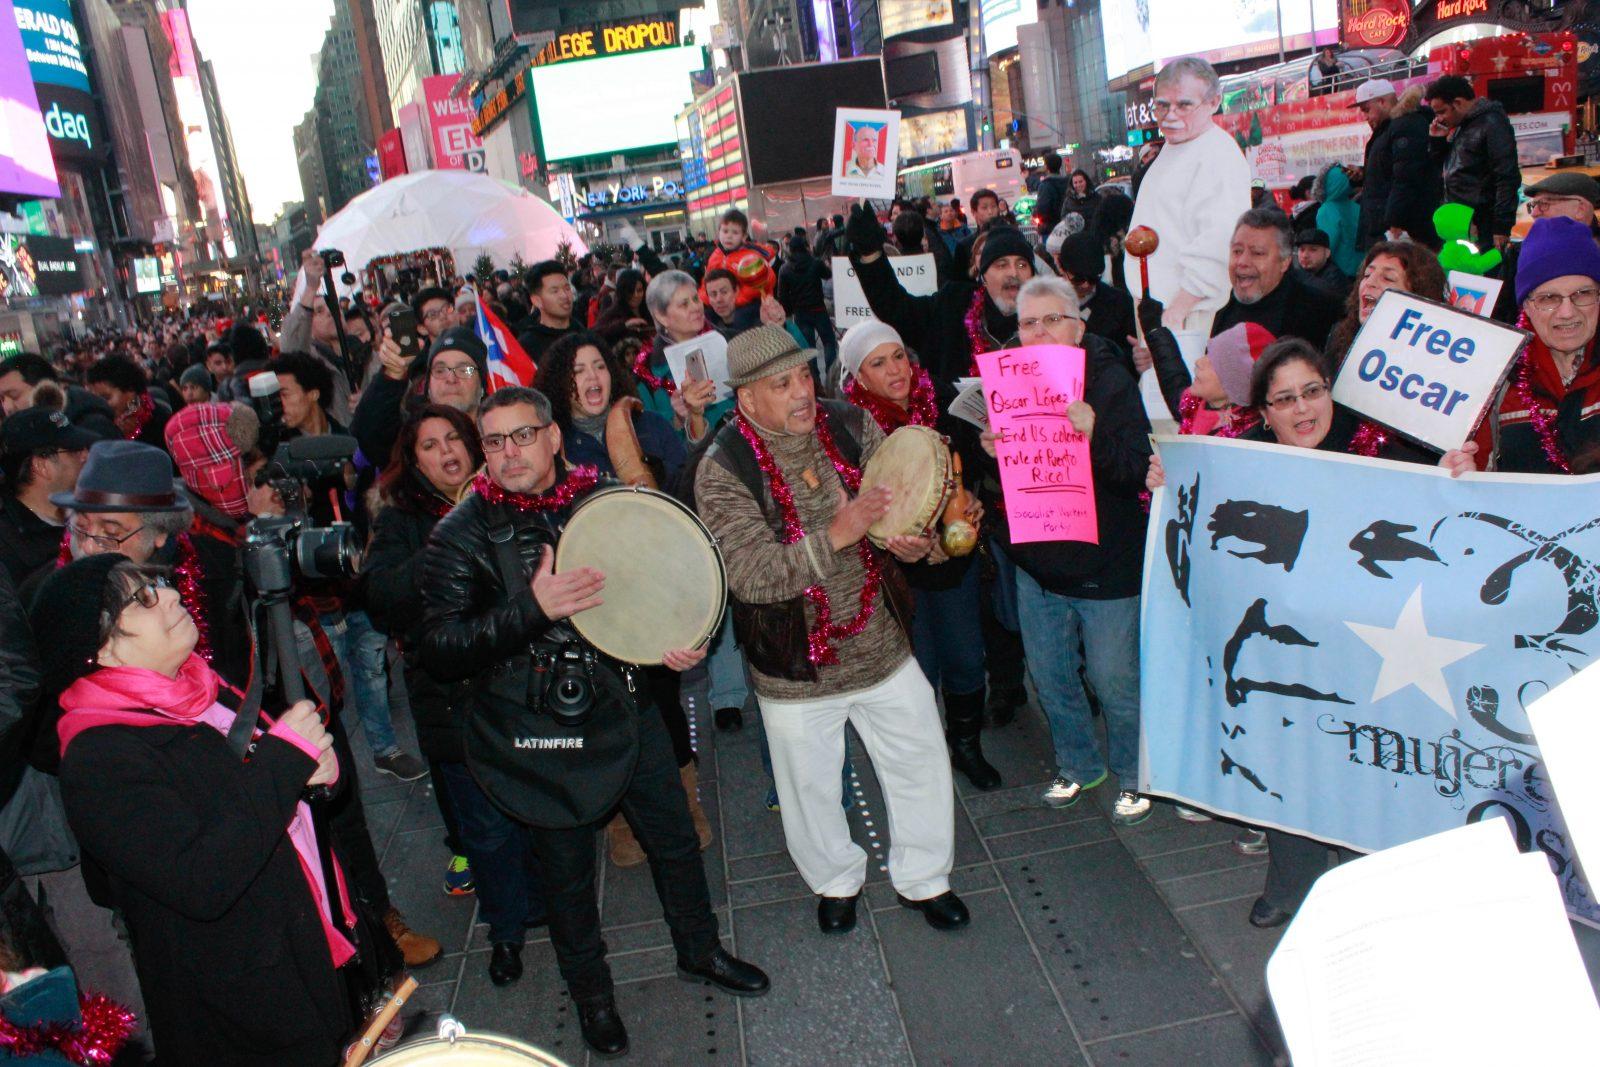 """""""Free Oscar Lopez Rivera"""""""